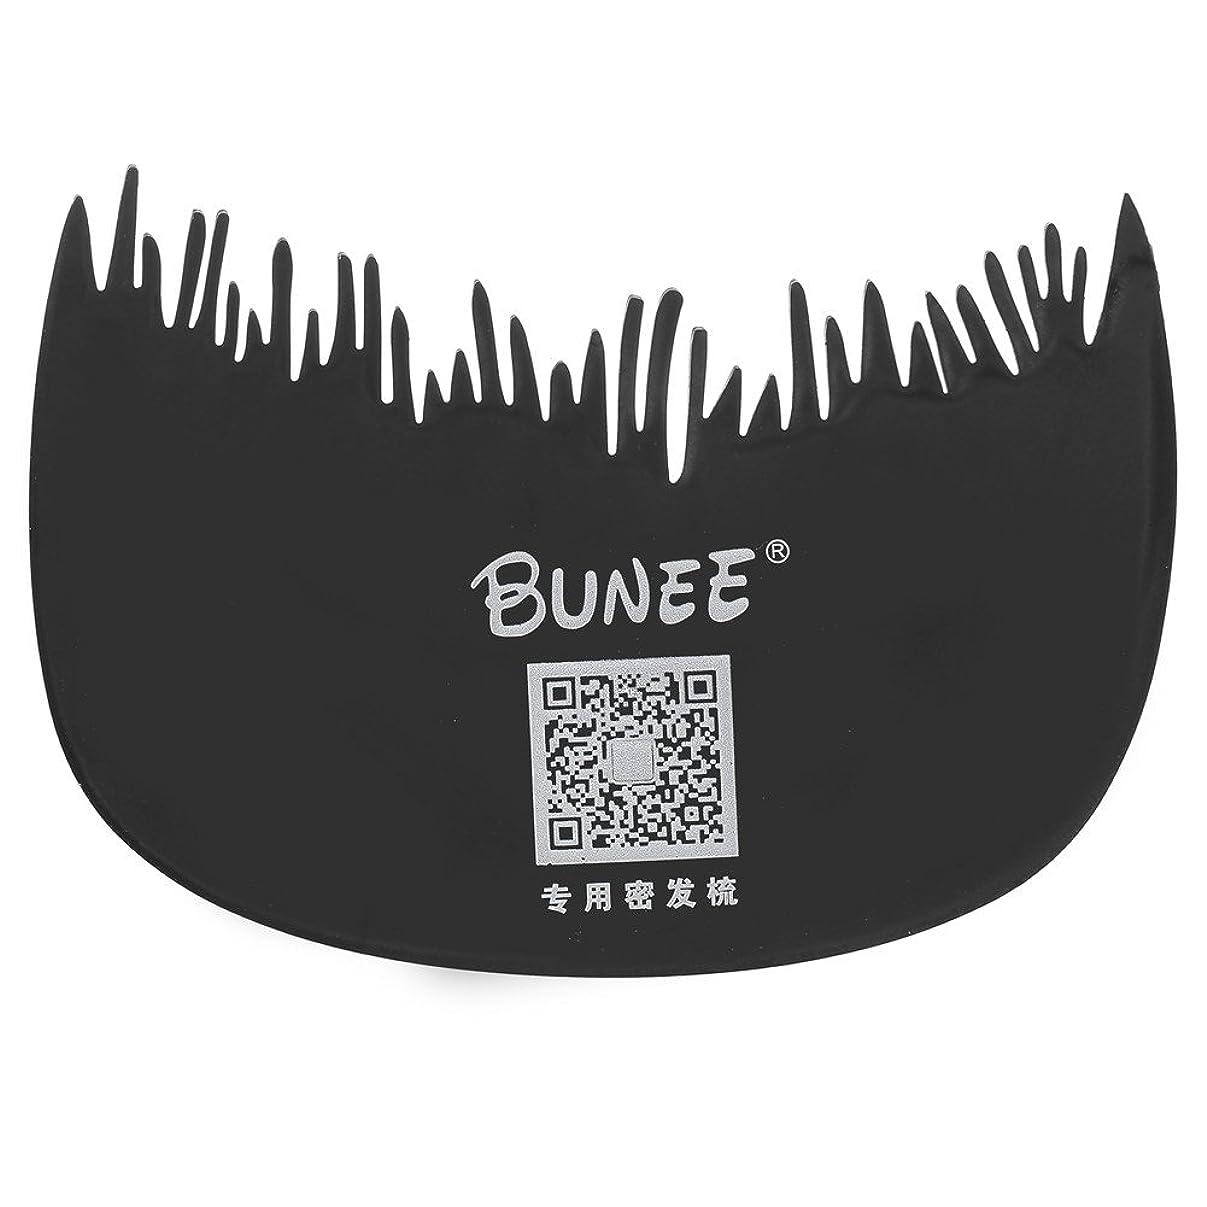 理想的大学生タクト髪の繊維、髪の丈夫な髪質髪の増粘剤、クイックリプレース厚い髪の宝物サプリメント(ヘアコーム)